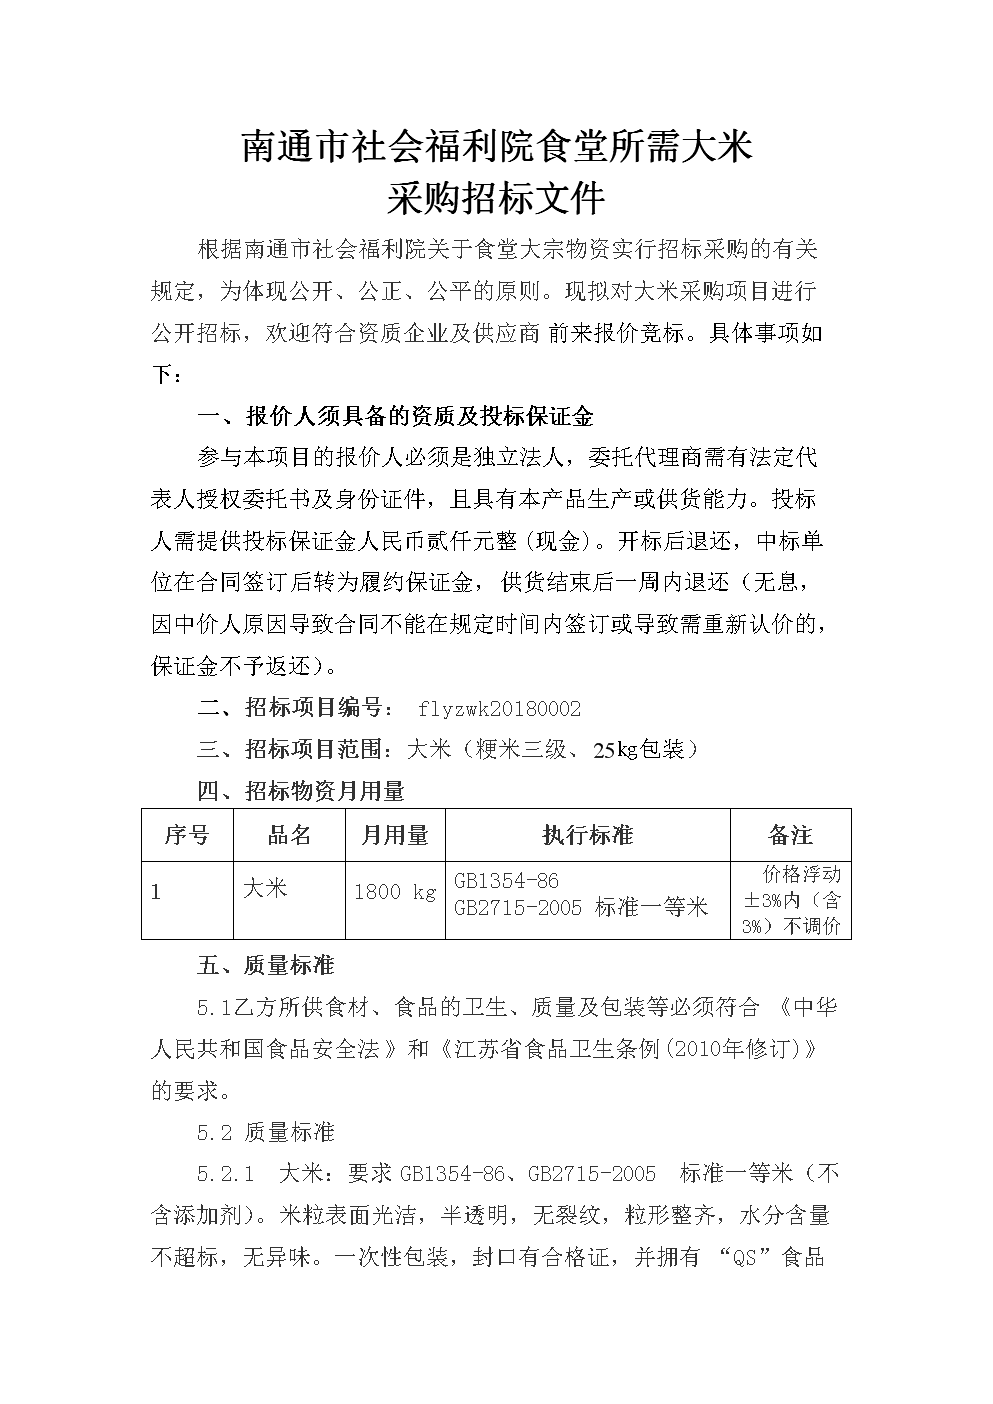 南通社会福利院食堂所需大米采购招标文件.doc